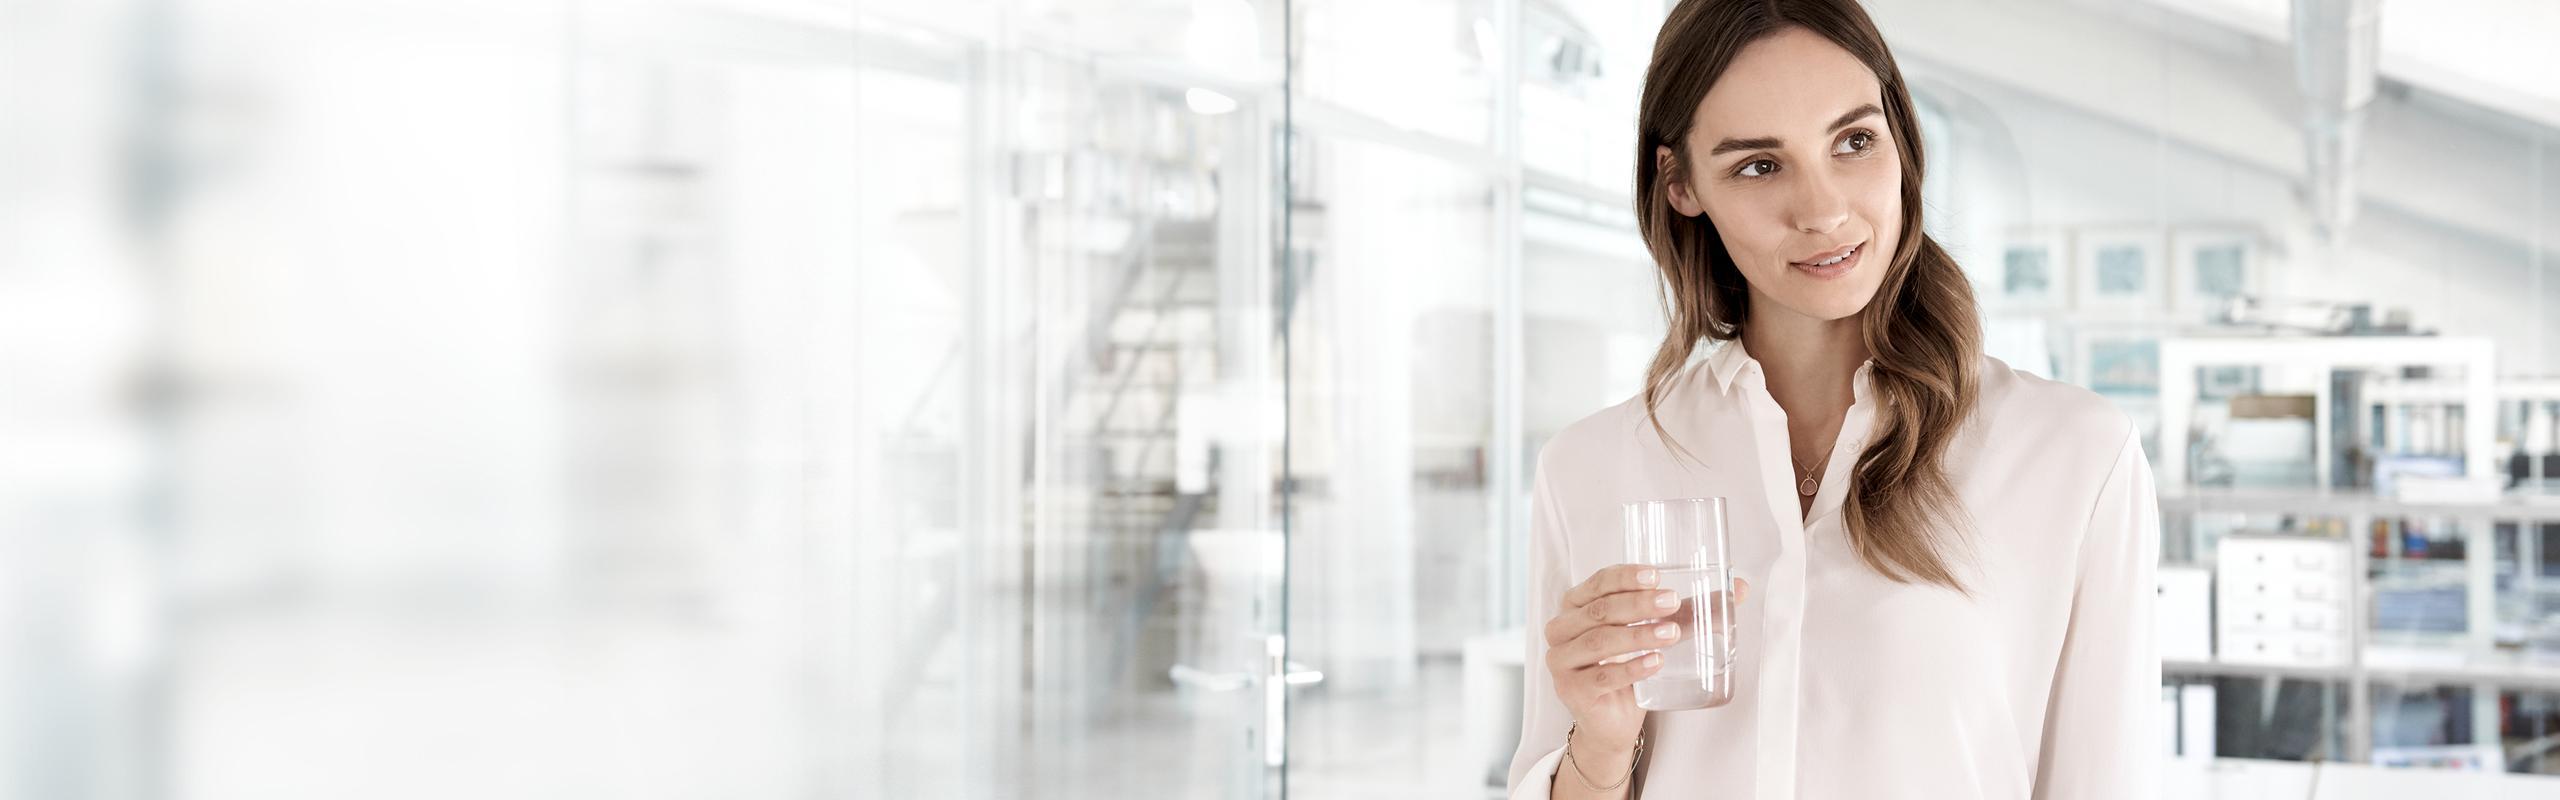 BRITA visión mujer vaso de agua